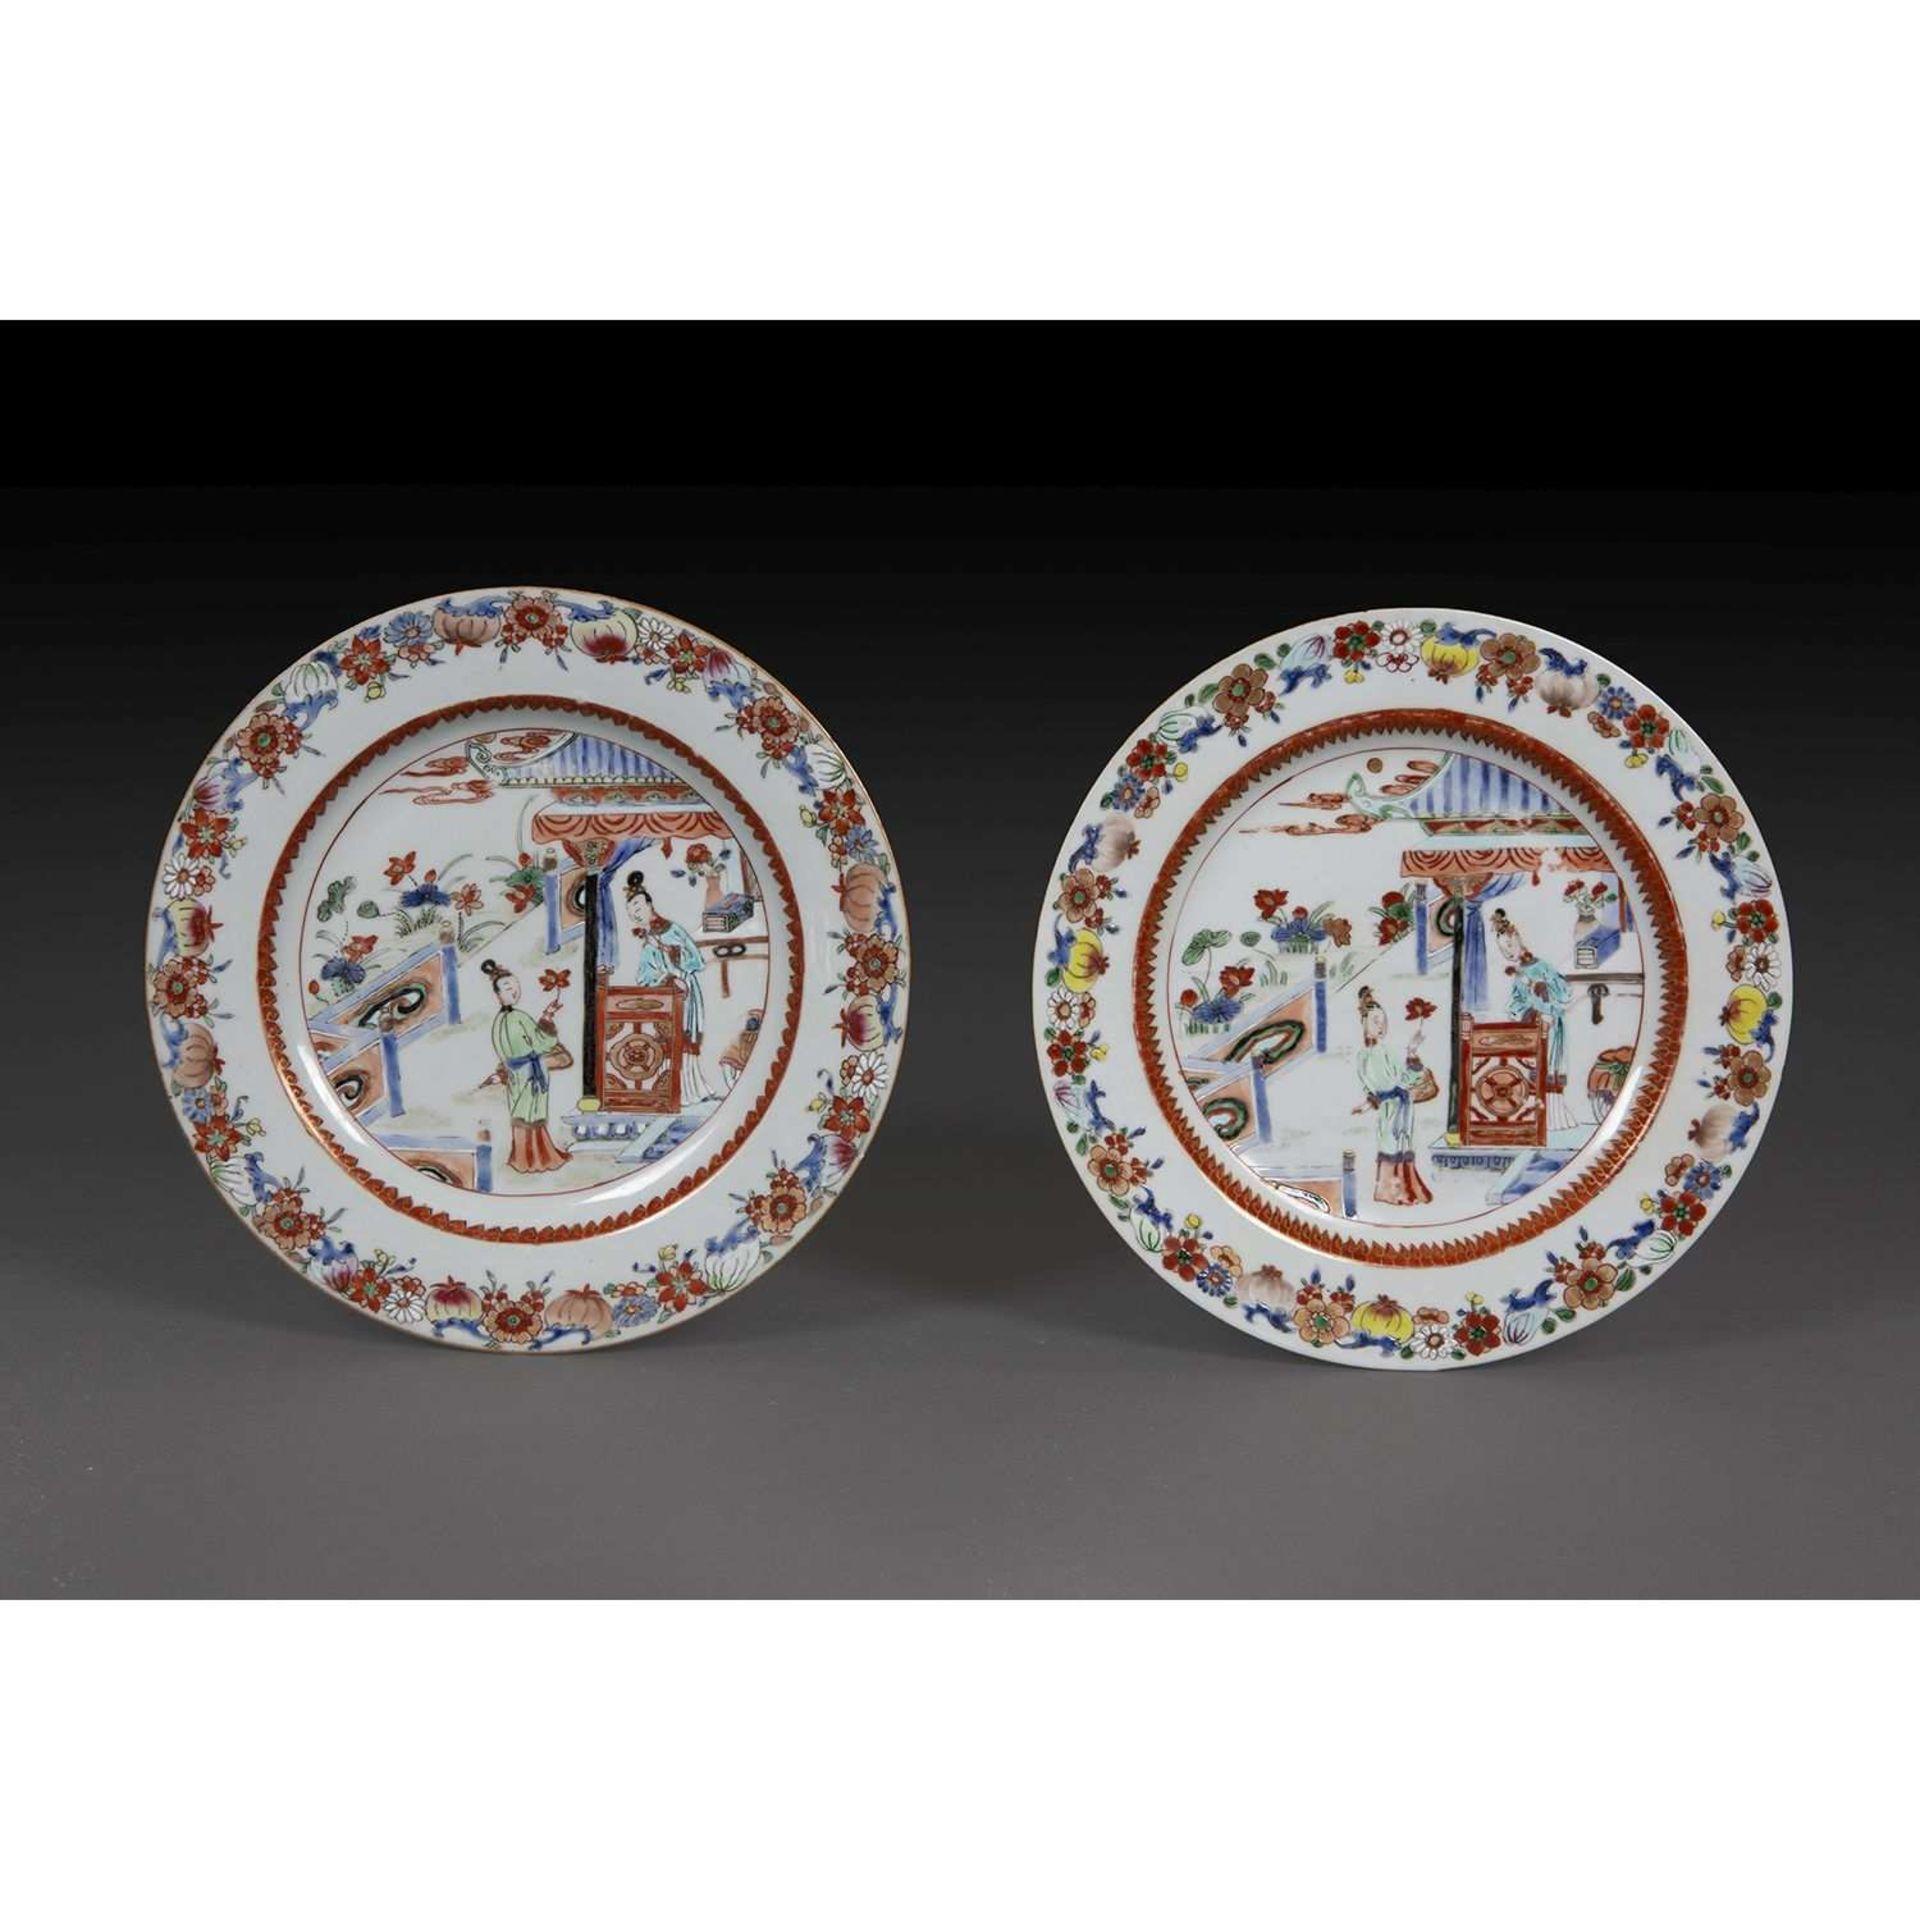 PAIRE D'ASSIETTES en porcelaine, émaux polychromes de la famille rose et rehauts de dorure, décorées